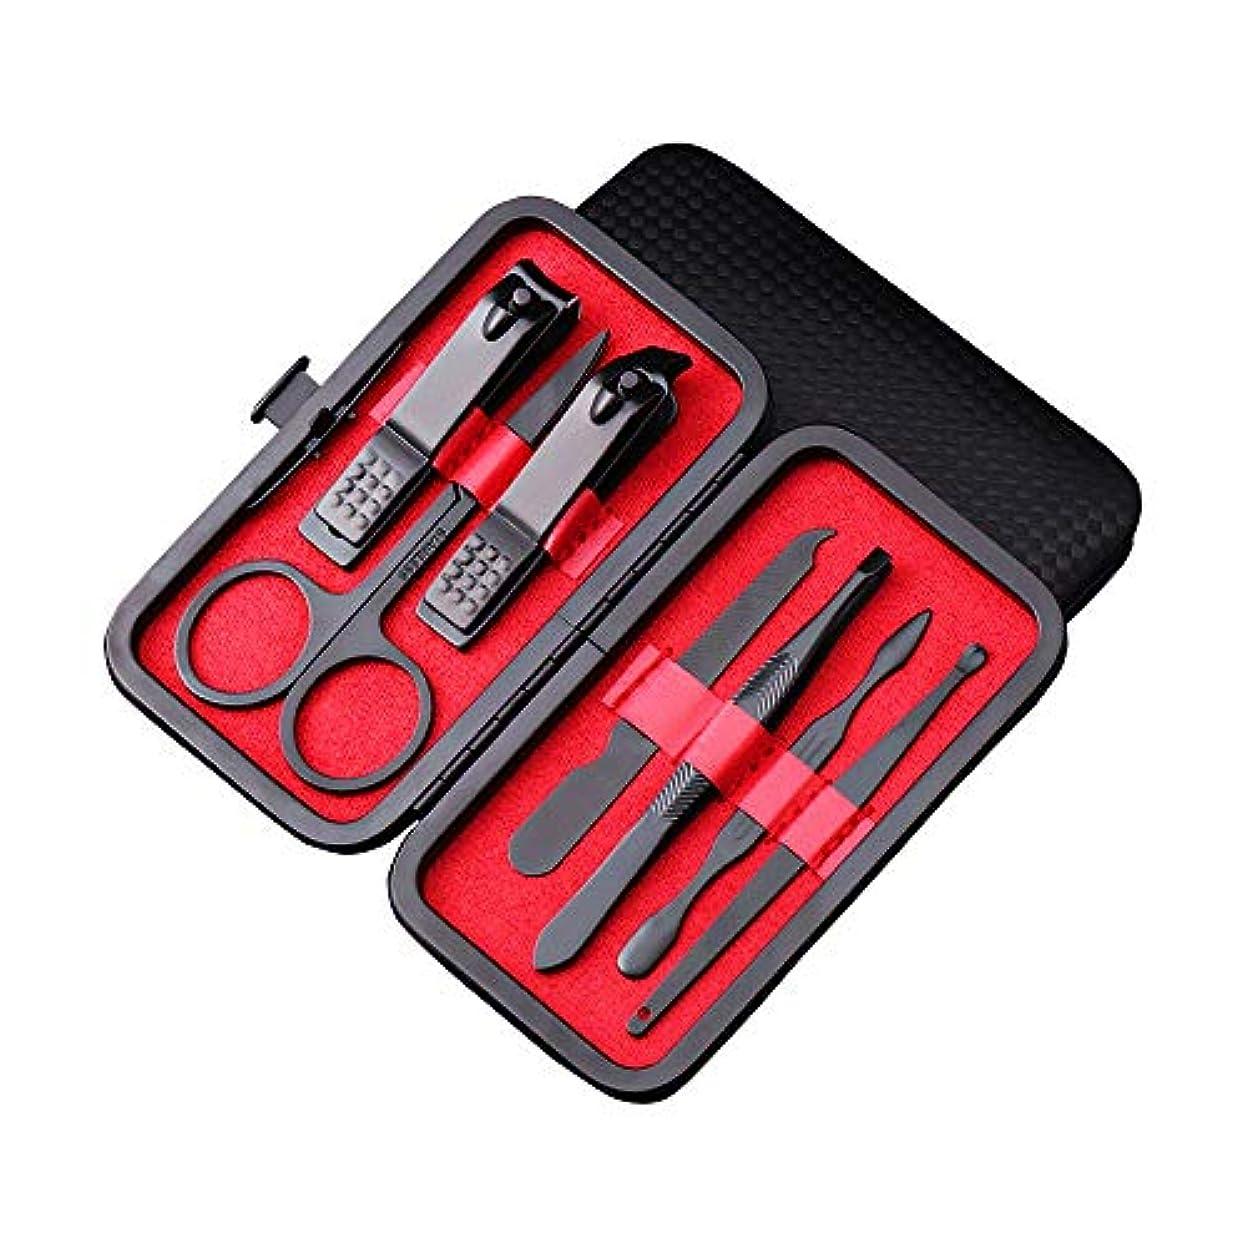 マニキュアネイルクリッパーセット-ブラックポータブル旅行衛生キットステンレススチールネイルカッターツールセット、レザートラベルケース付き、7個セット